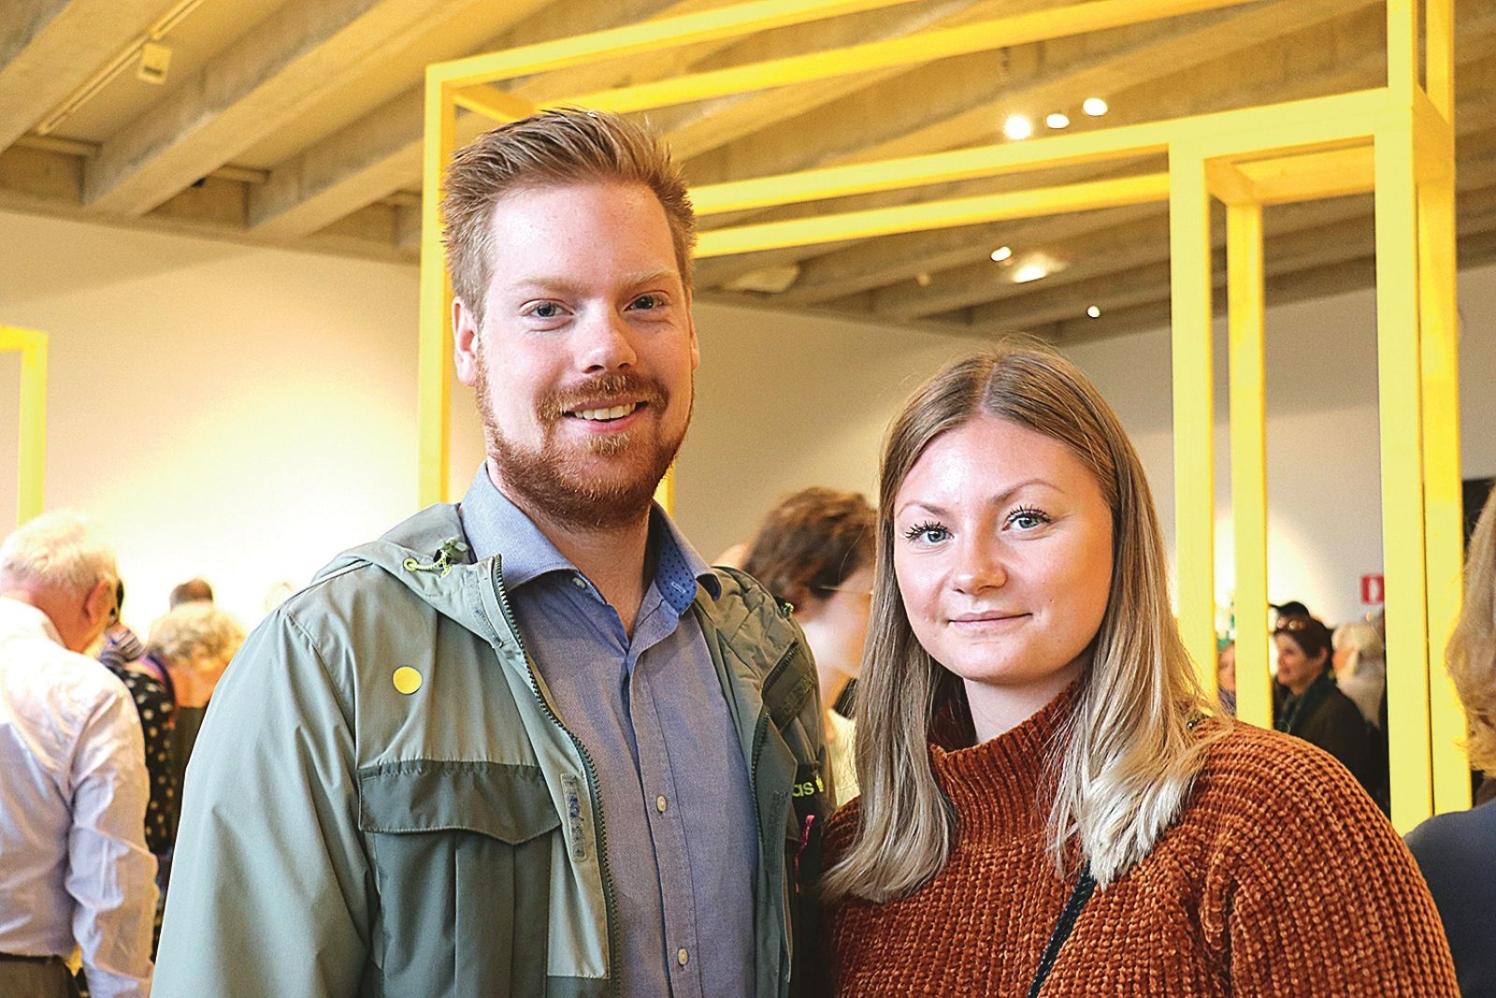 Philip Brosgård och Evelina Johansson hade kommit från Blekinge för att vara med på vernissagen. Philip brukar inte ställa ut sina alster så var glatt överraskad över att få hela fyra verk med i årets Sydosten